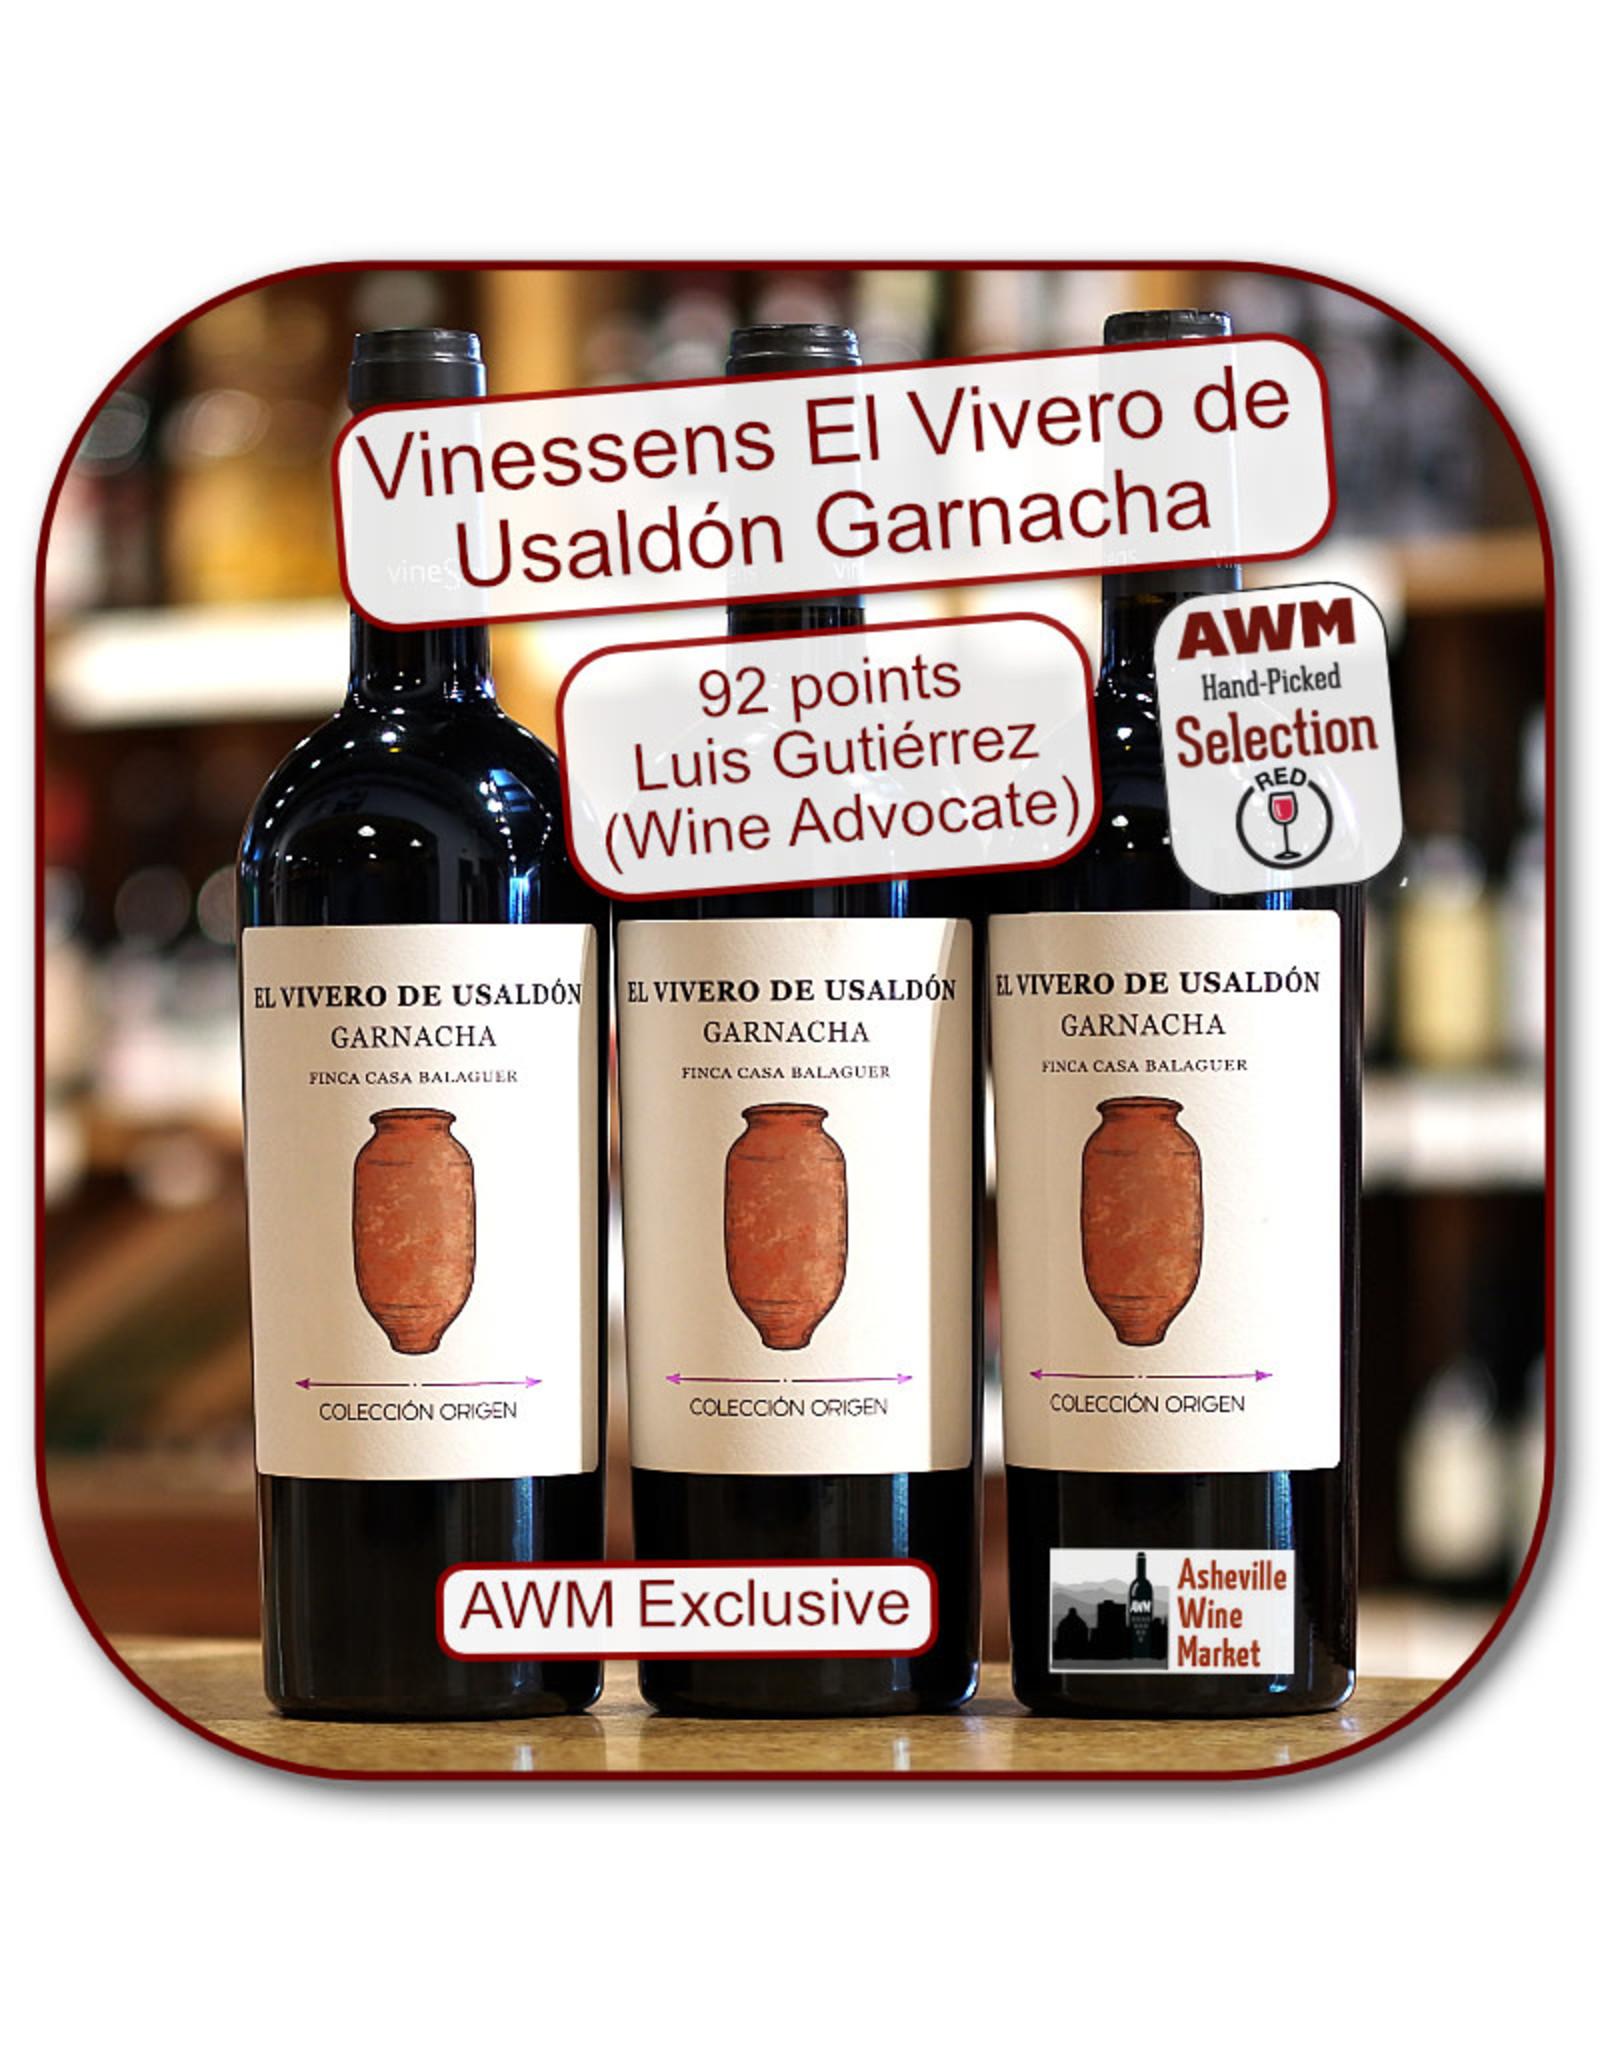 Grenache/Garnacha Vivero Usaldon Garnacha 18